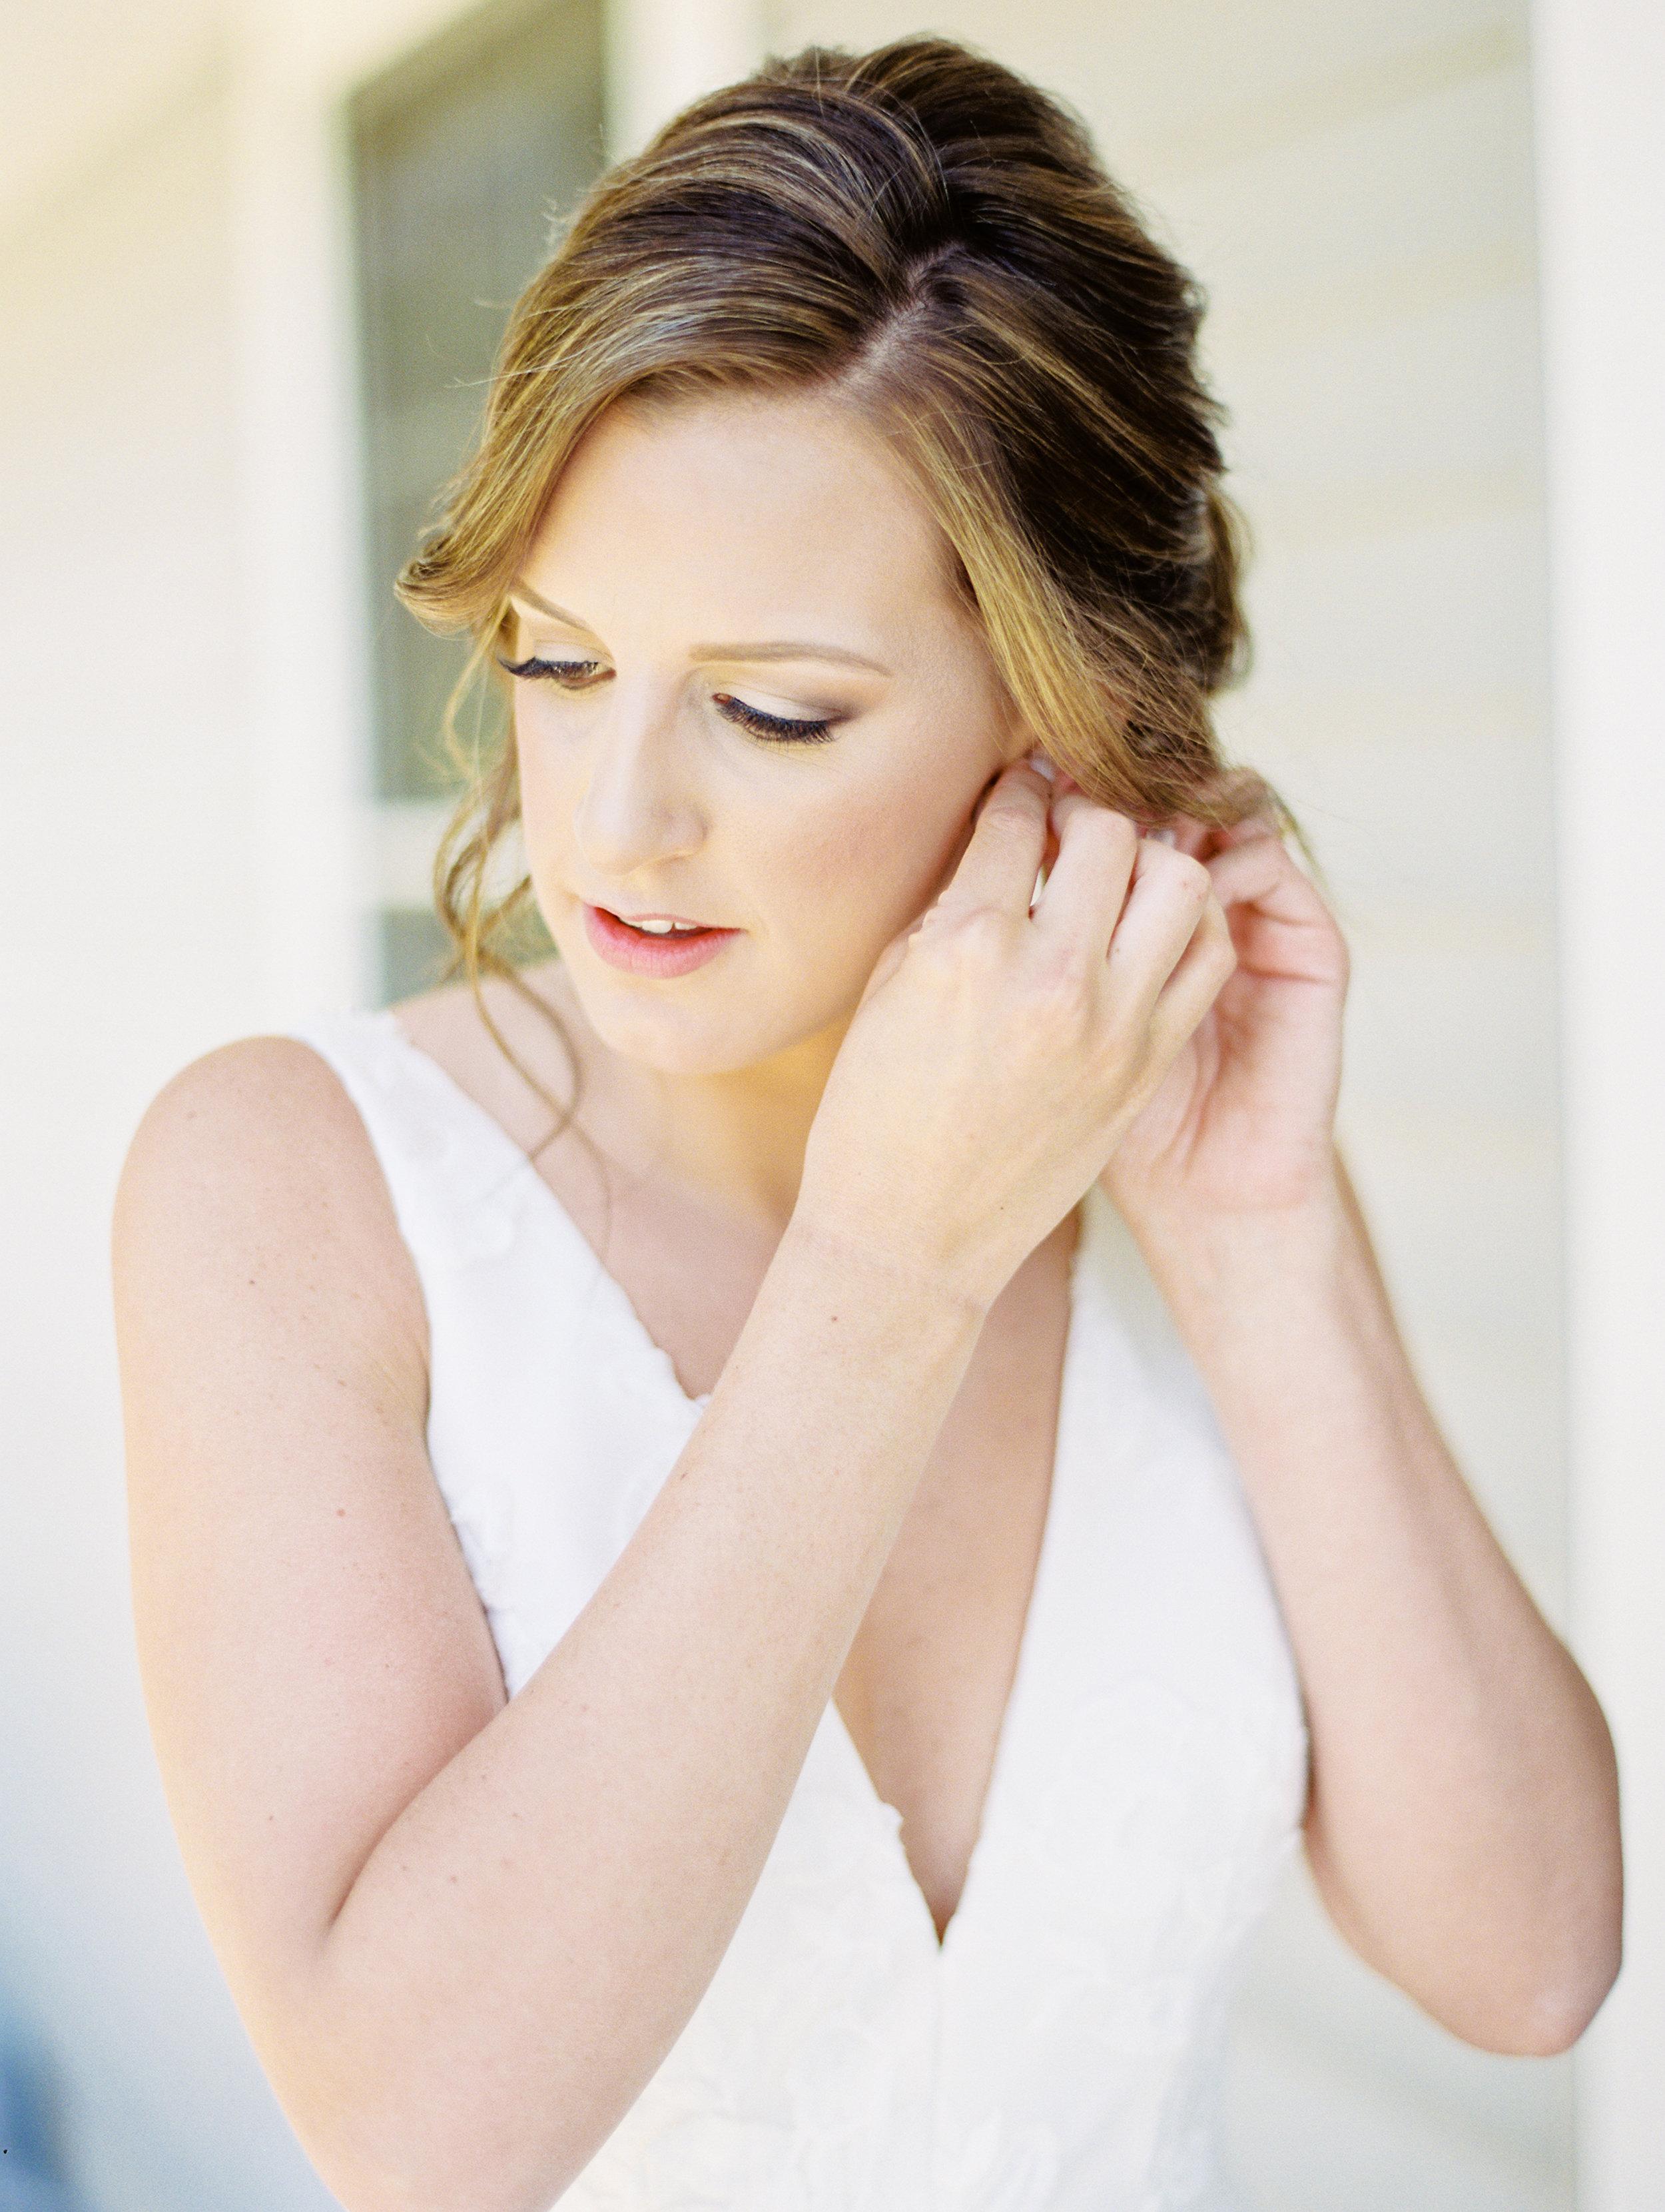 DeGuilio+Wedding+Girls+Getting+Readyf-13 copy.jpg